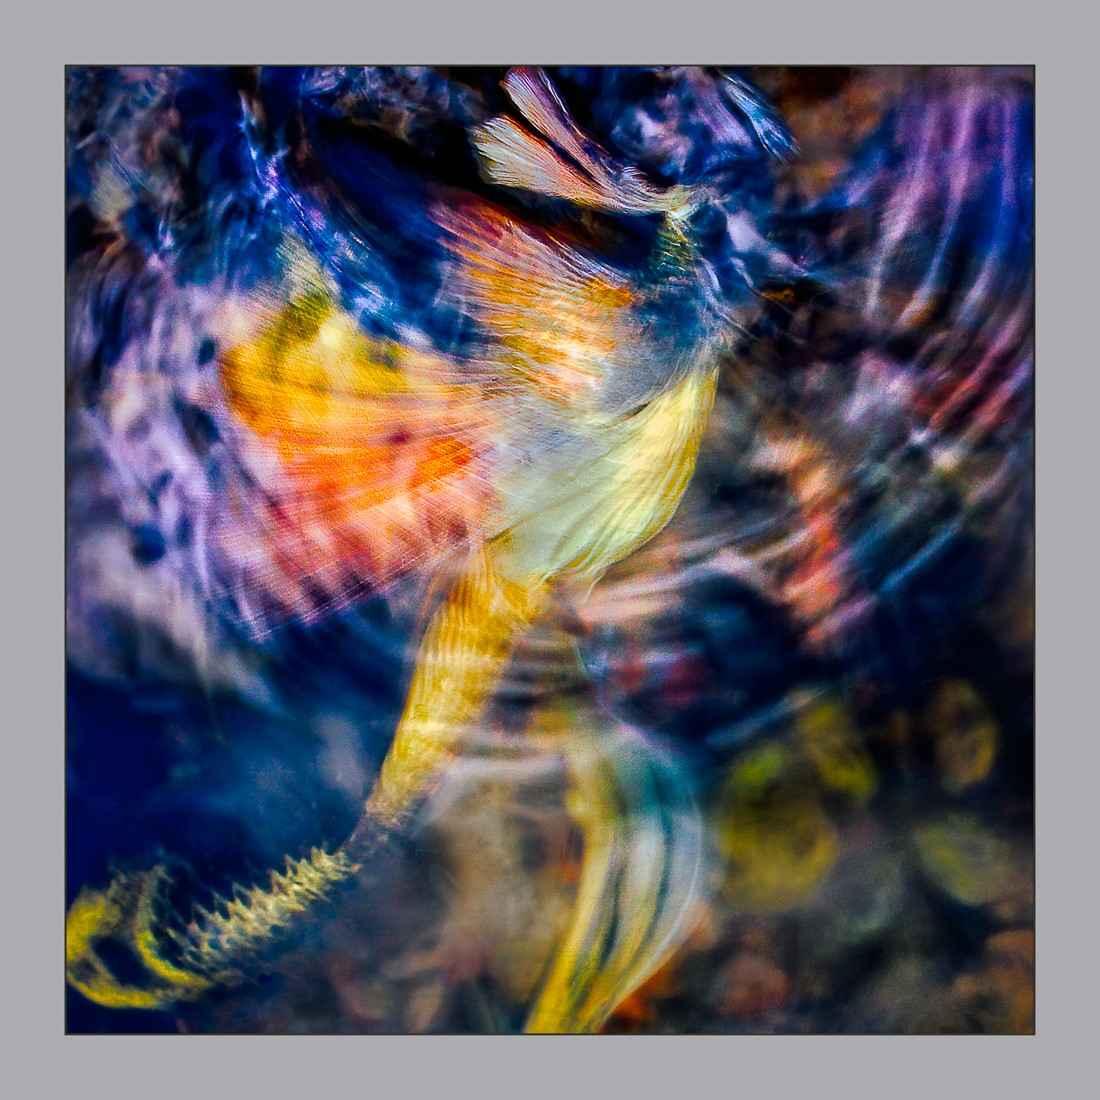 Manifestation 2755 by  Steven Agard - Masterpiece Online